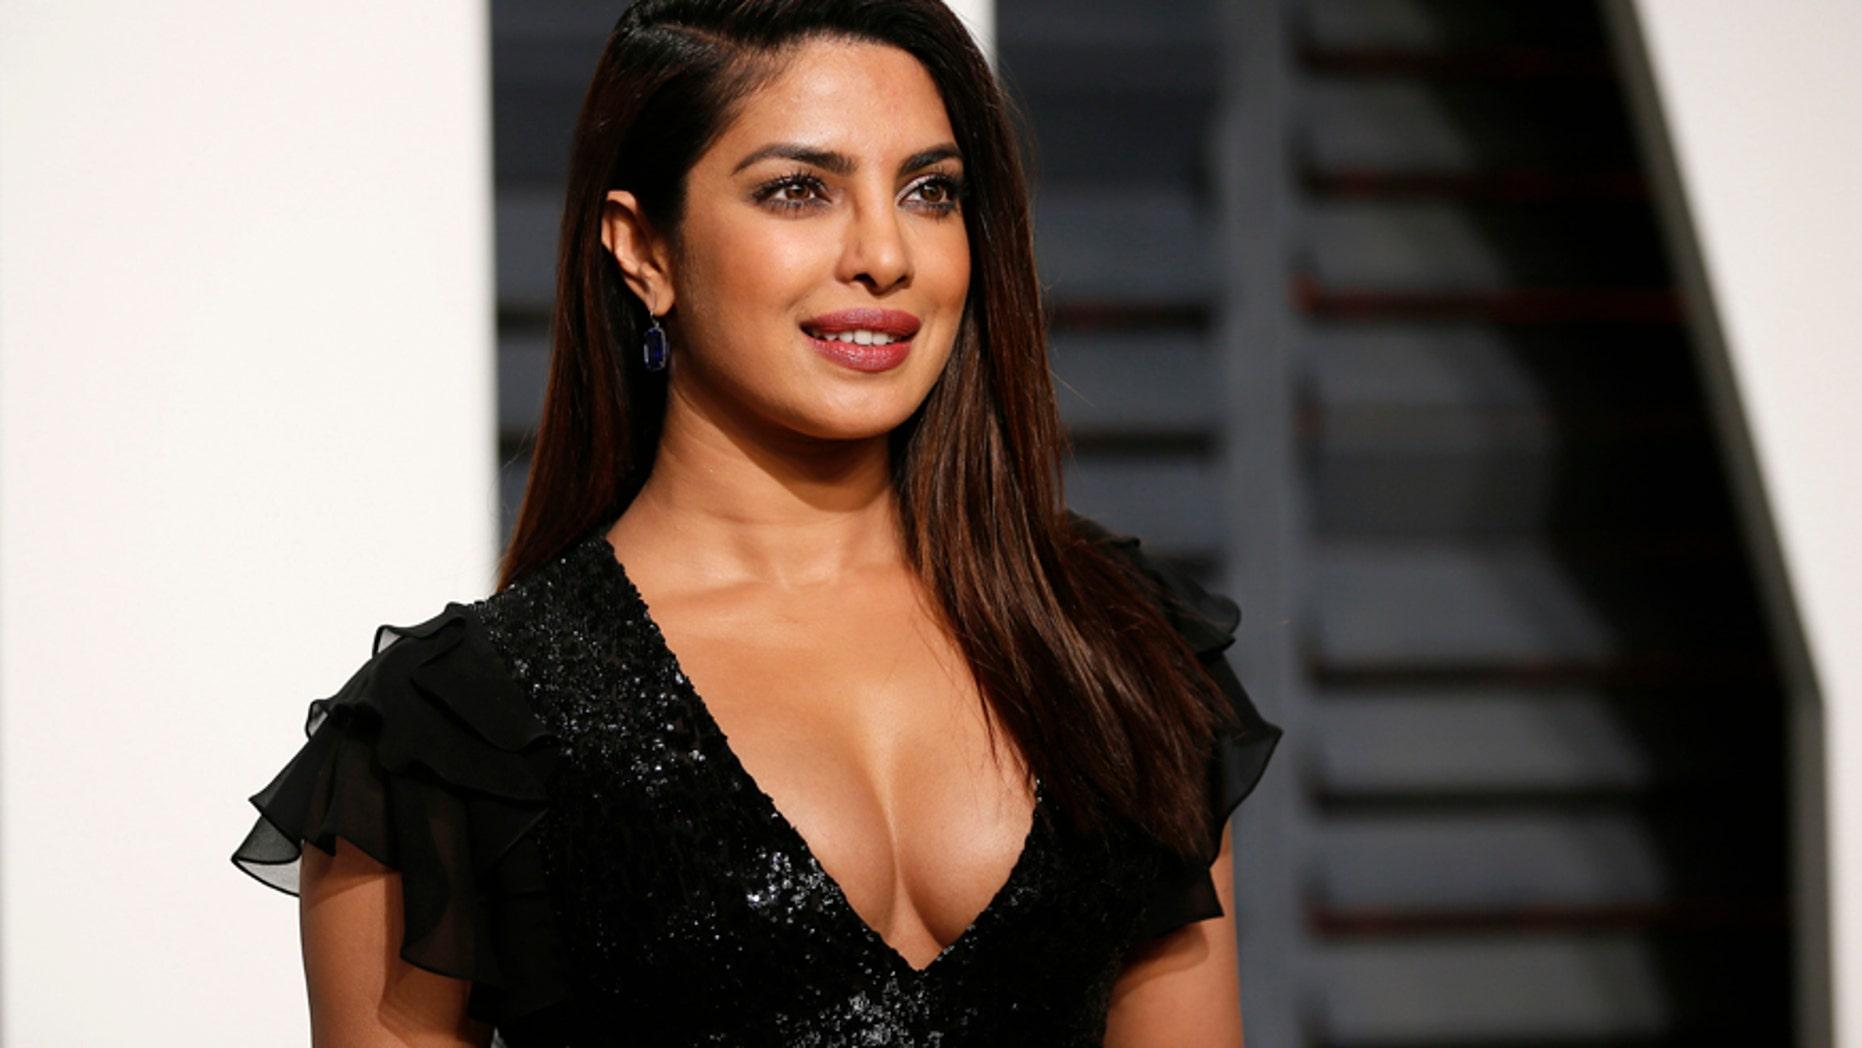 Selfie Priyanka Chopra nudes (77 photos), Pussy, Sideboobs, Selfie, butt 2006